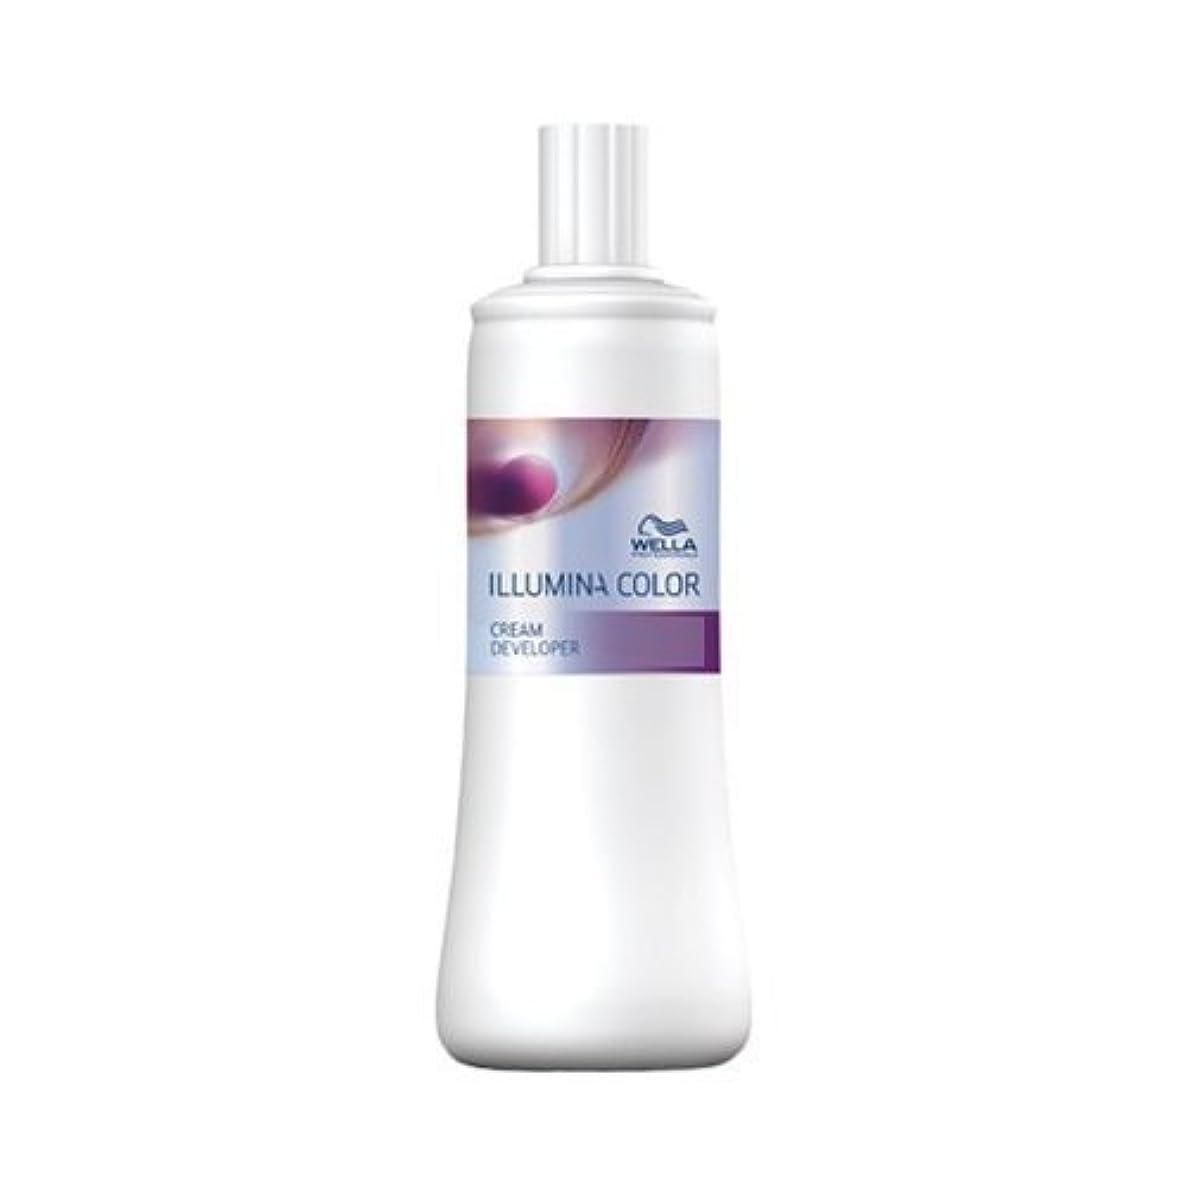 冷淡なロードされた苦しめるウエラ イルミナカラー クリーム ディベロッパー 3% 1000ml(2剤)